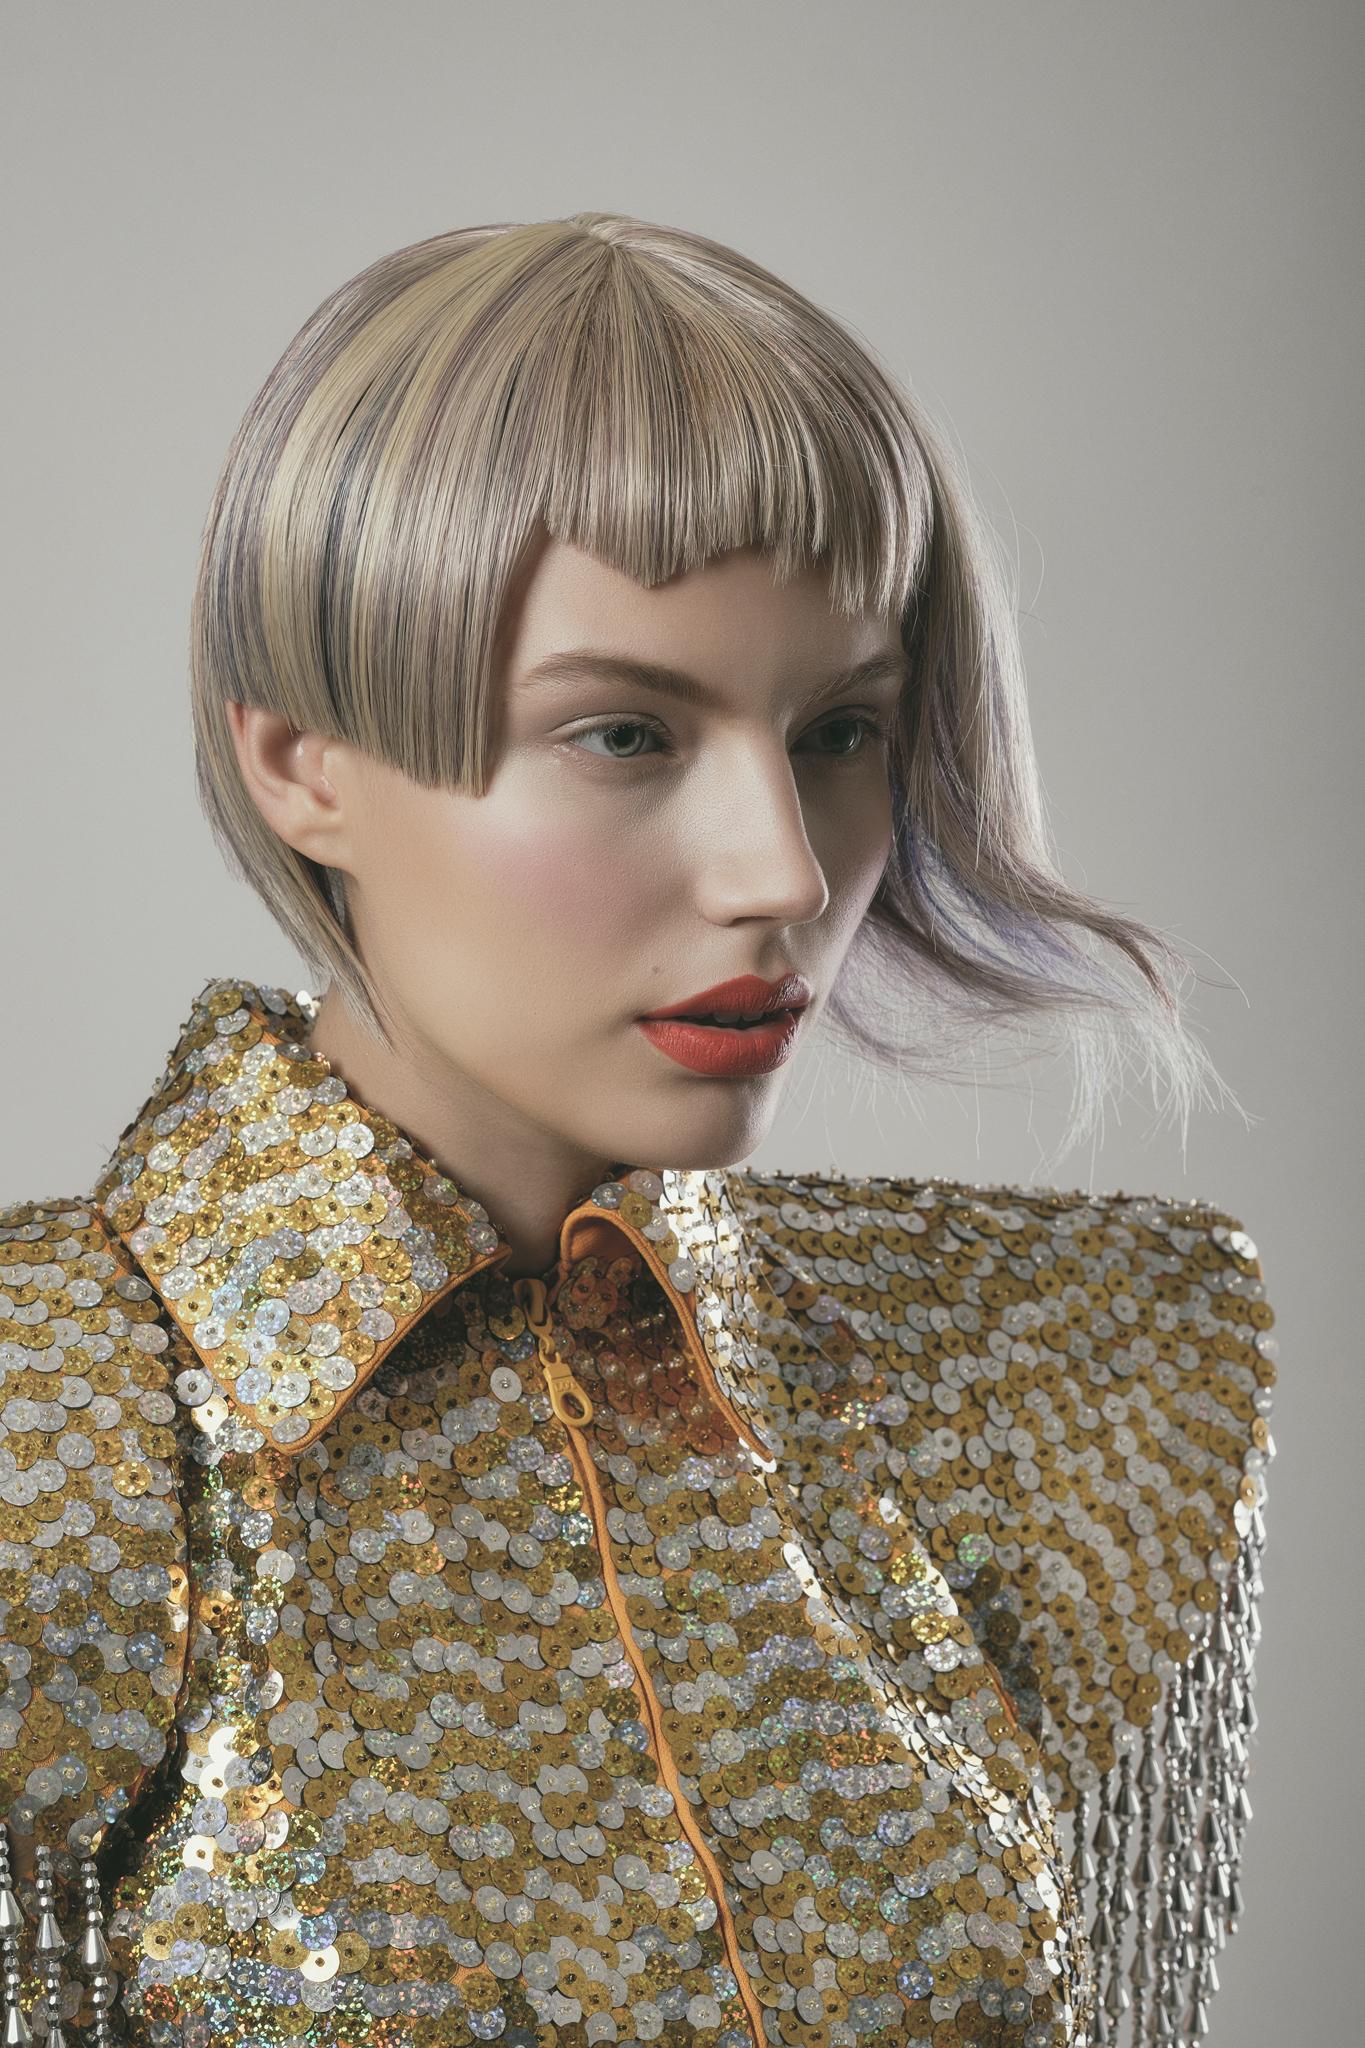 Model: Izabella Dehner MUA: Bambi Borg Hair stylist: Ari Koponen Designer: Aviad Arik Herman